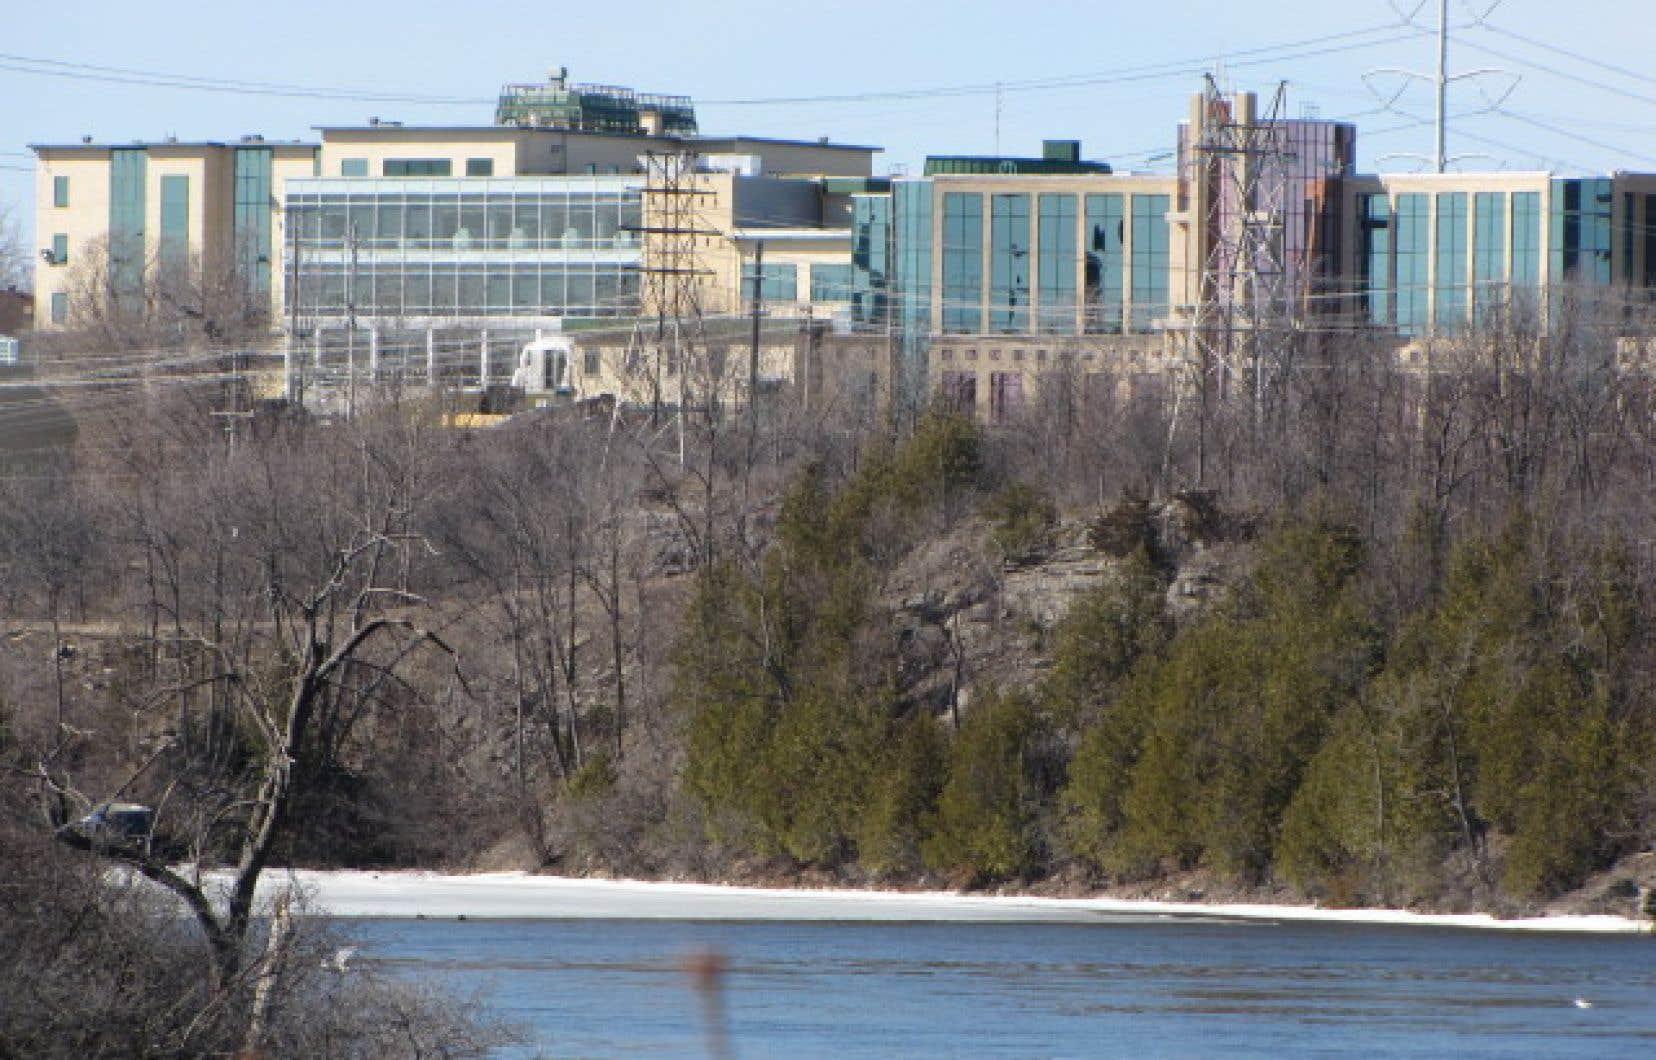 «Quelles seront les conséquences pour l'Université du Québec en Outaouais (UQO) autant pour son campus de Gatineau que pour celui de Saint-Jérôme?» s'interroge Nicolas Harvey.